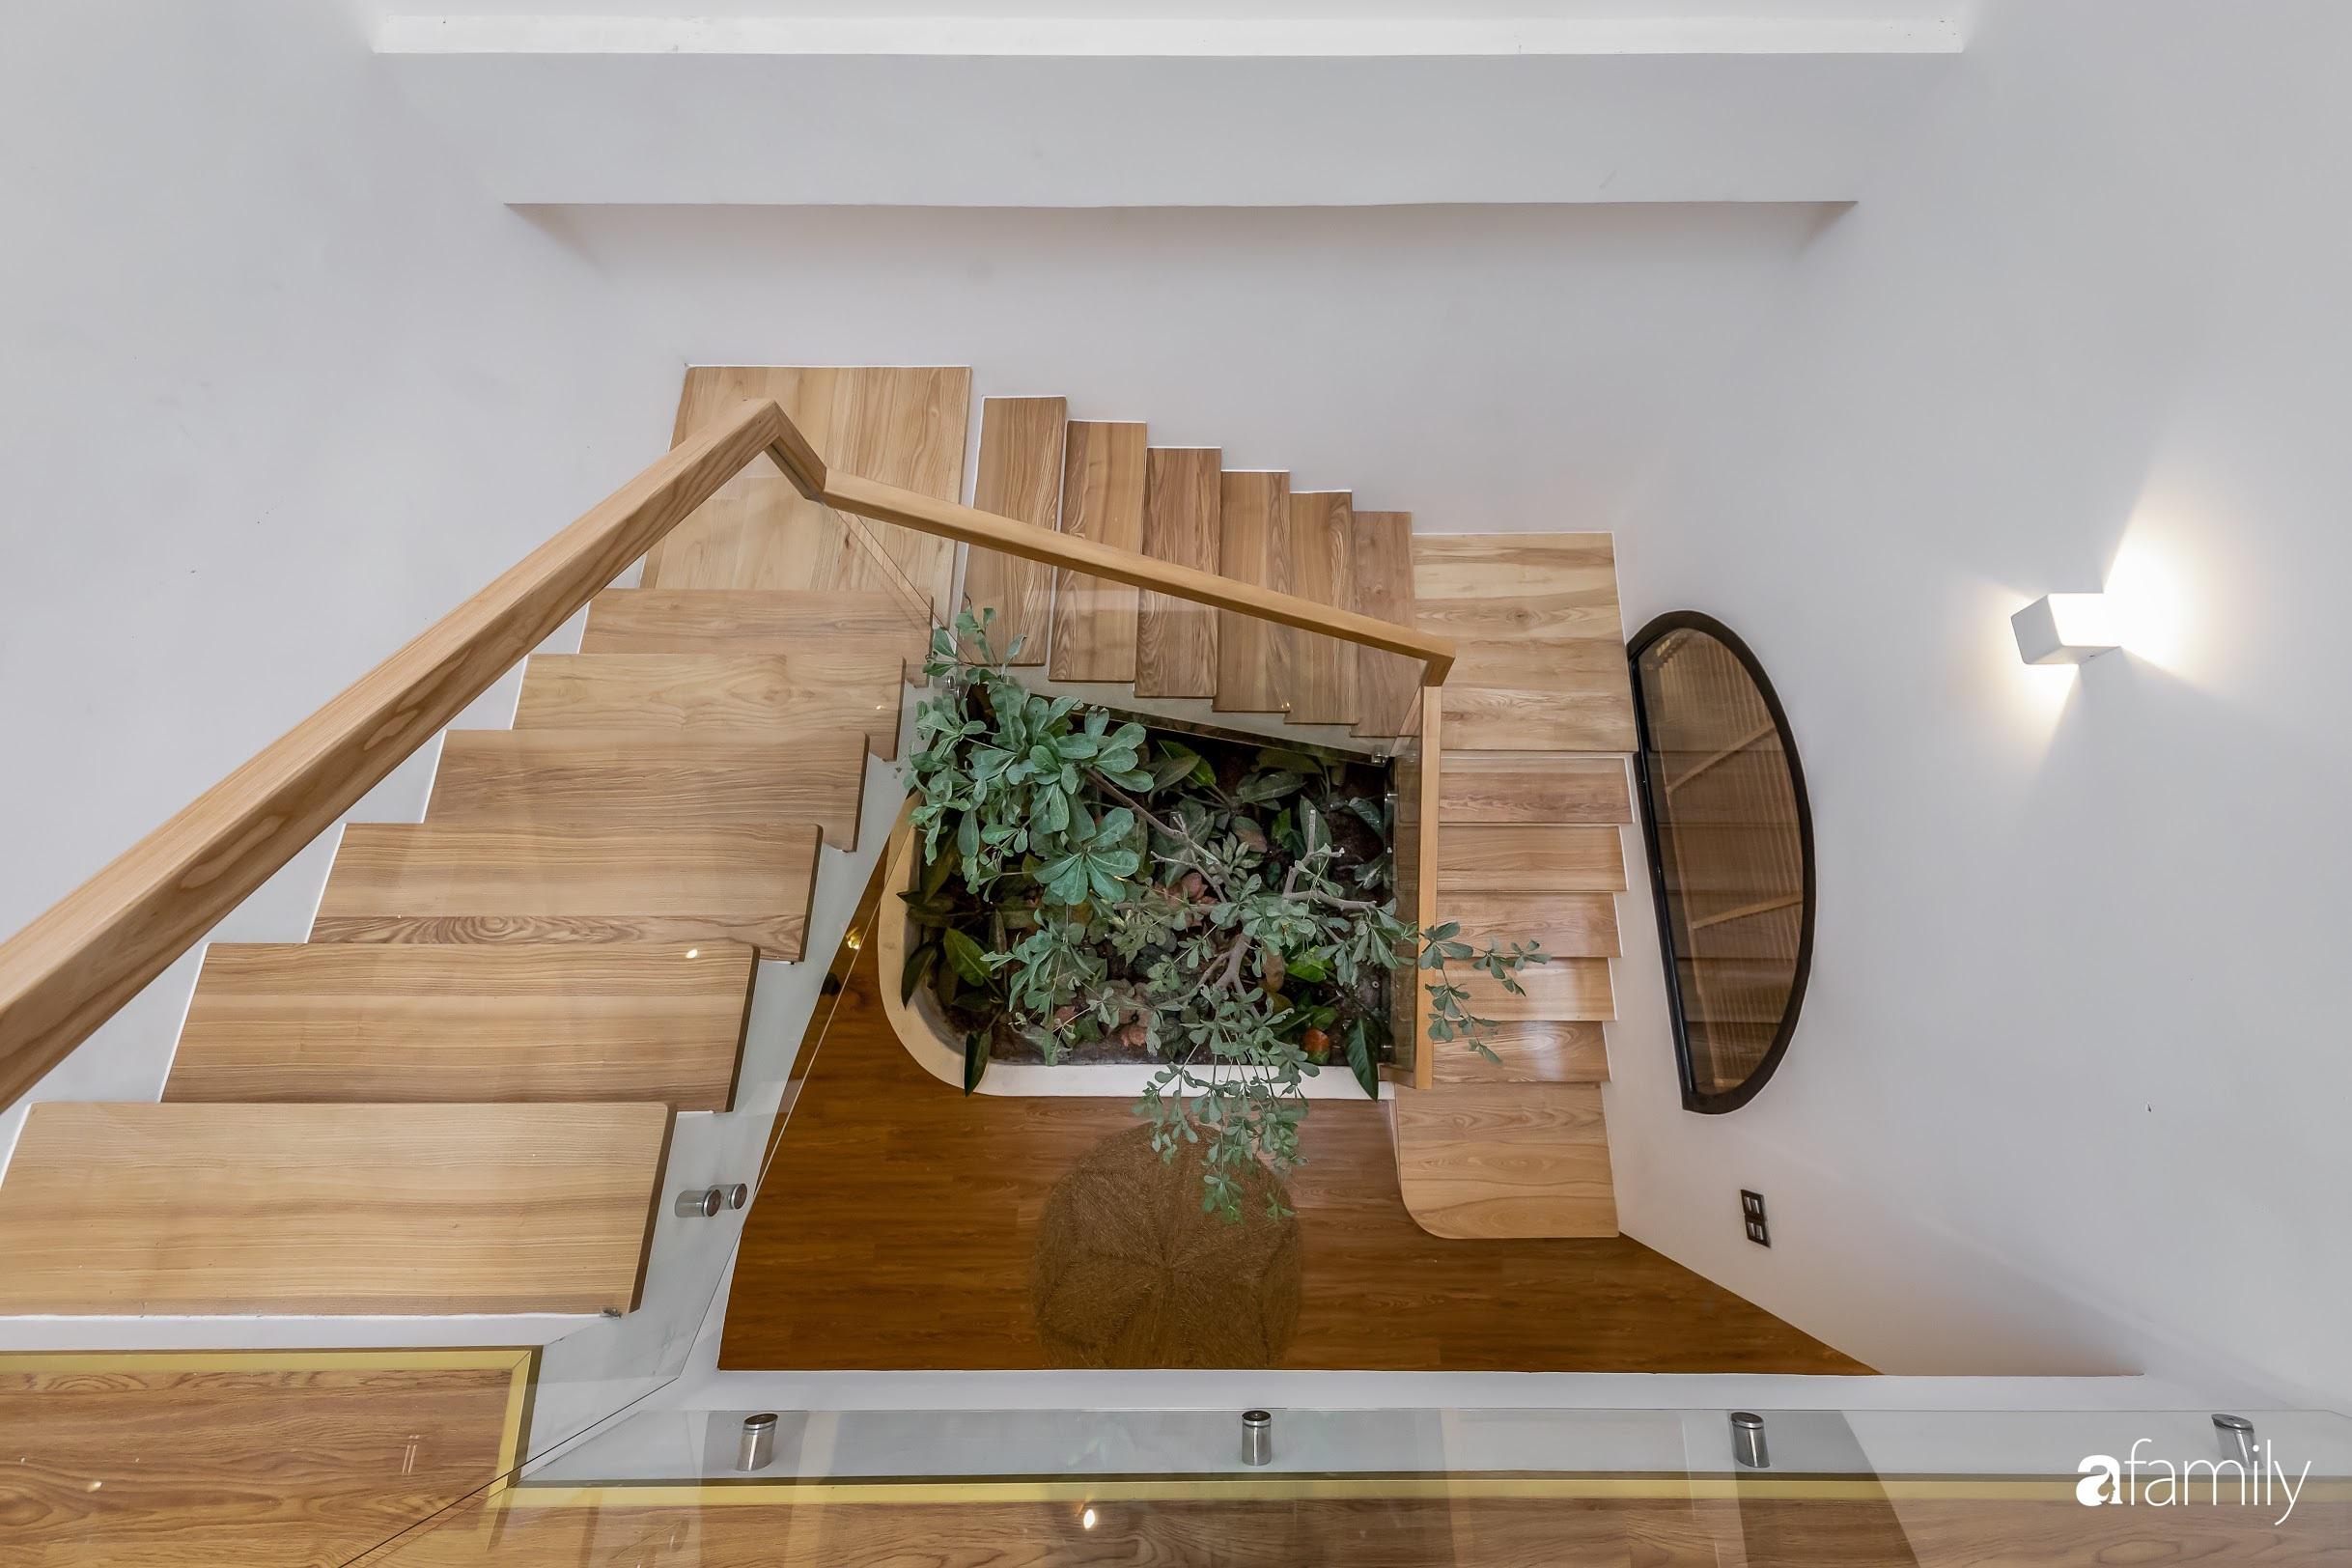 Nhà phố Tiền Giang đẹp hài hòa với thiết kế hiện đại, bố trí nội thất thông minh với chi phí 1,8 tỉ đồng - Ảnh 3.